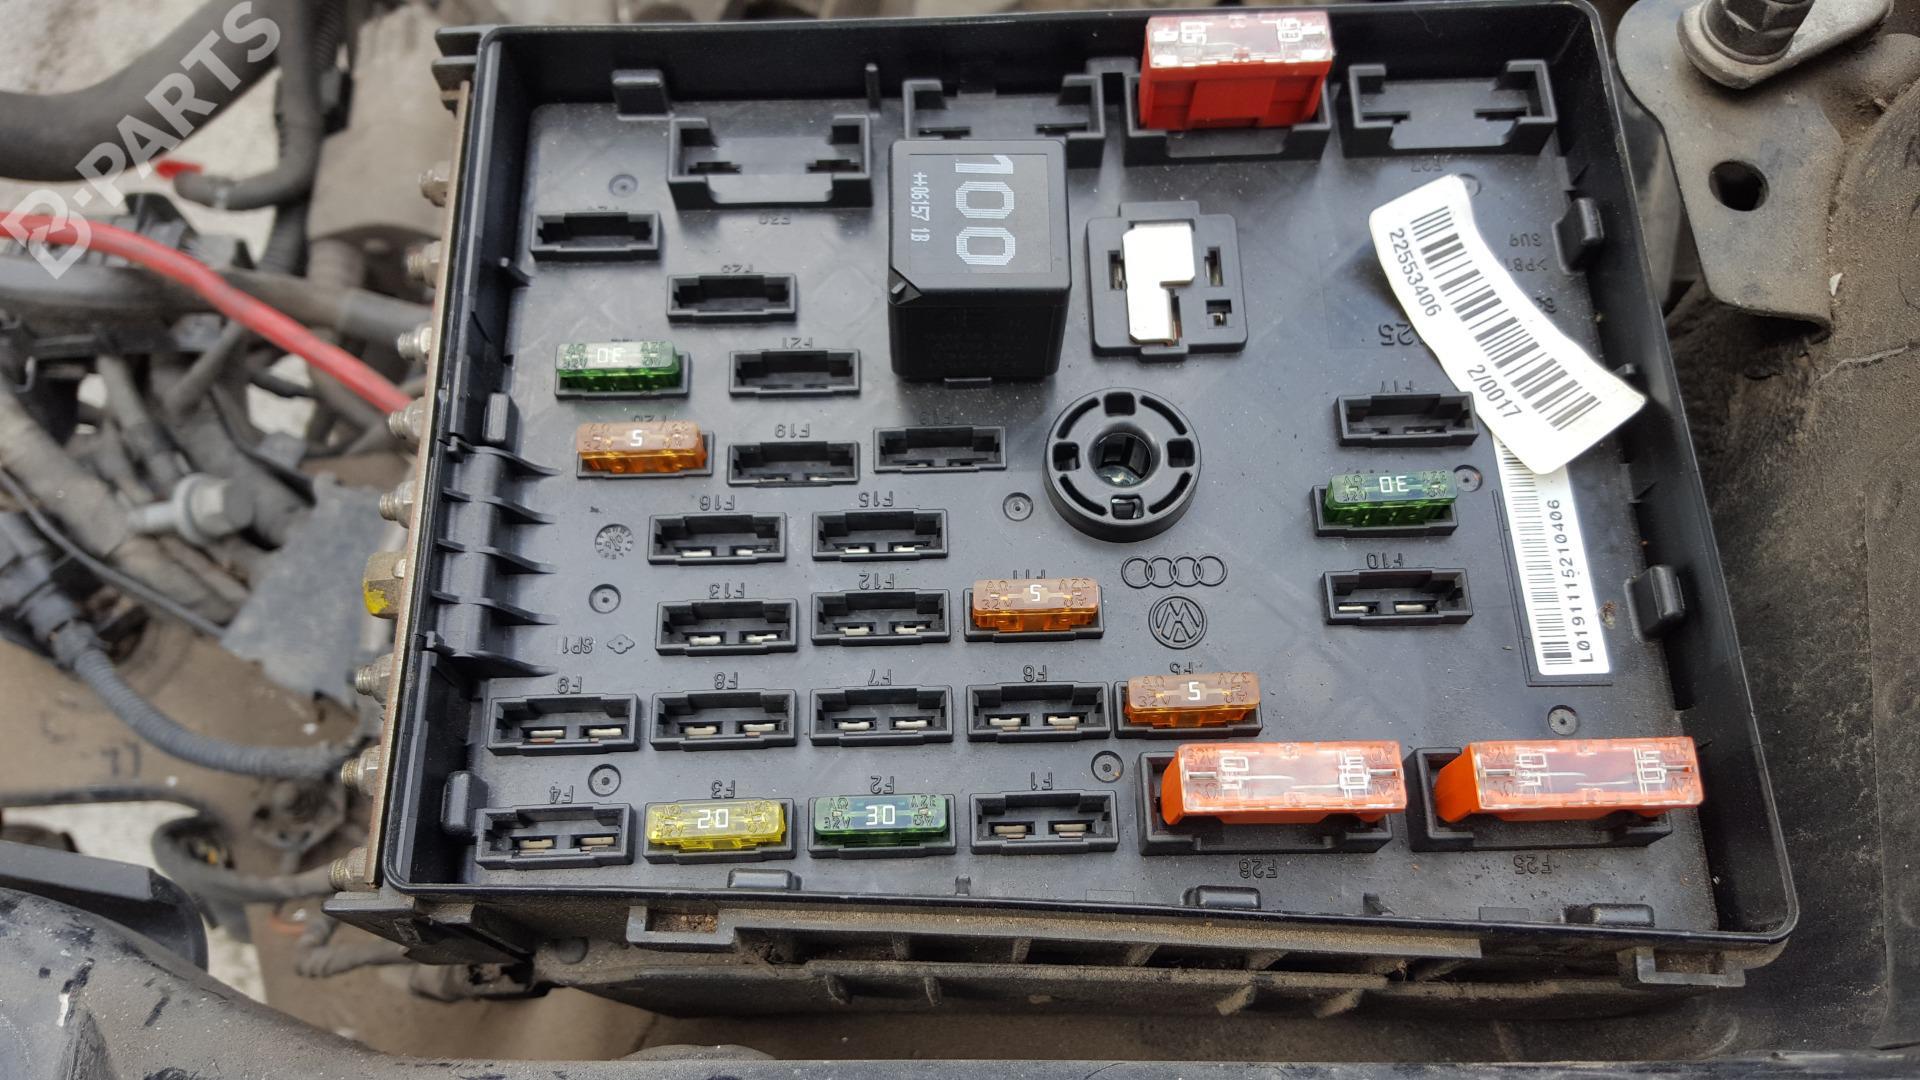 fuse box 3c0937125 / 6359-2777 vw, passat variant (3c5) 2 0 tdi